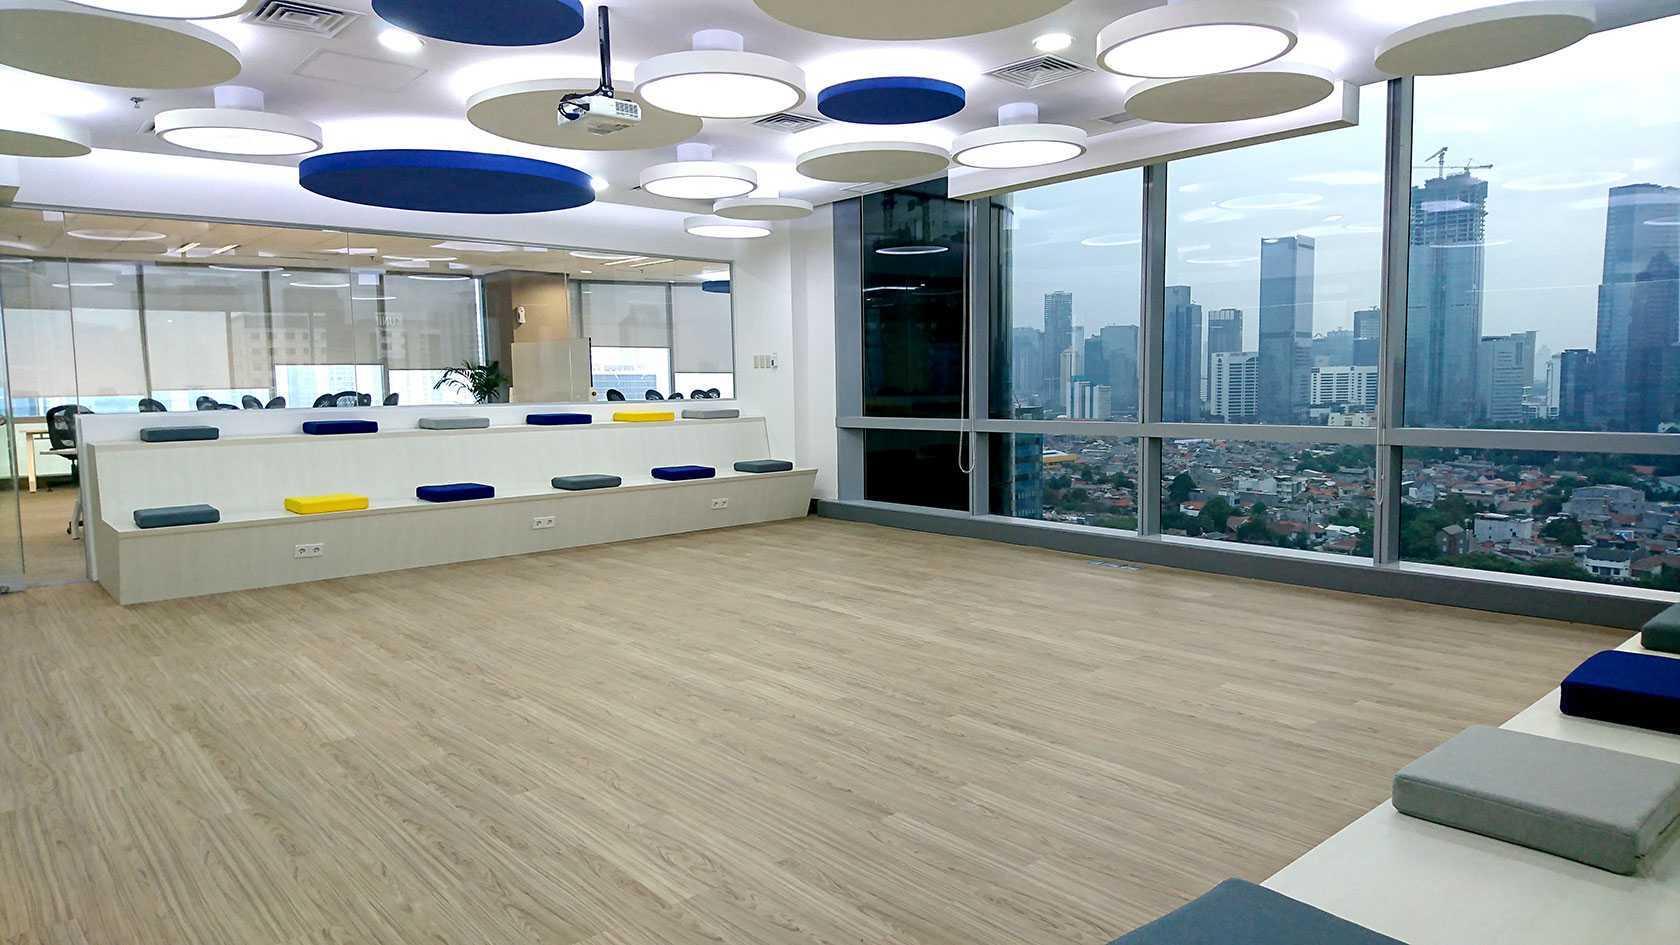 Arkadia Works Allianz Innovation Lab Jakarta, Daerah Khusus Ibukota Jakarta, Indonesia Jakarta, Daerah Khusus Ibukota Jakarta, Indonesia Arkadia-Works-Allianz-Innovation-Lab  73891